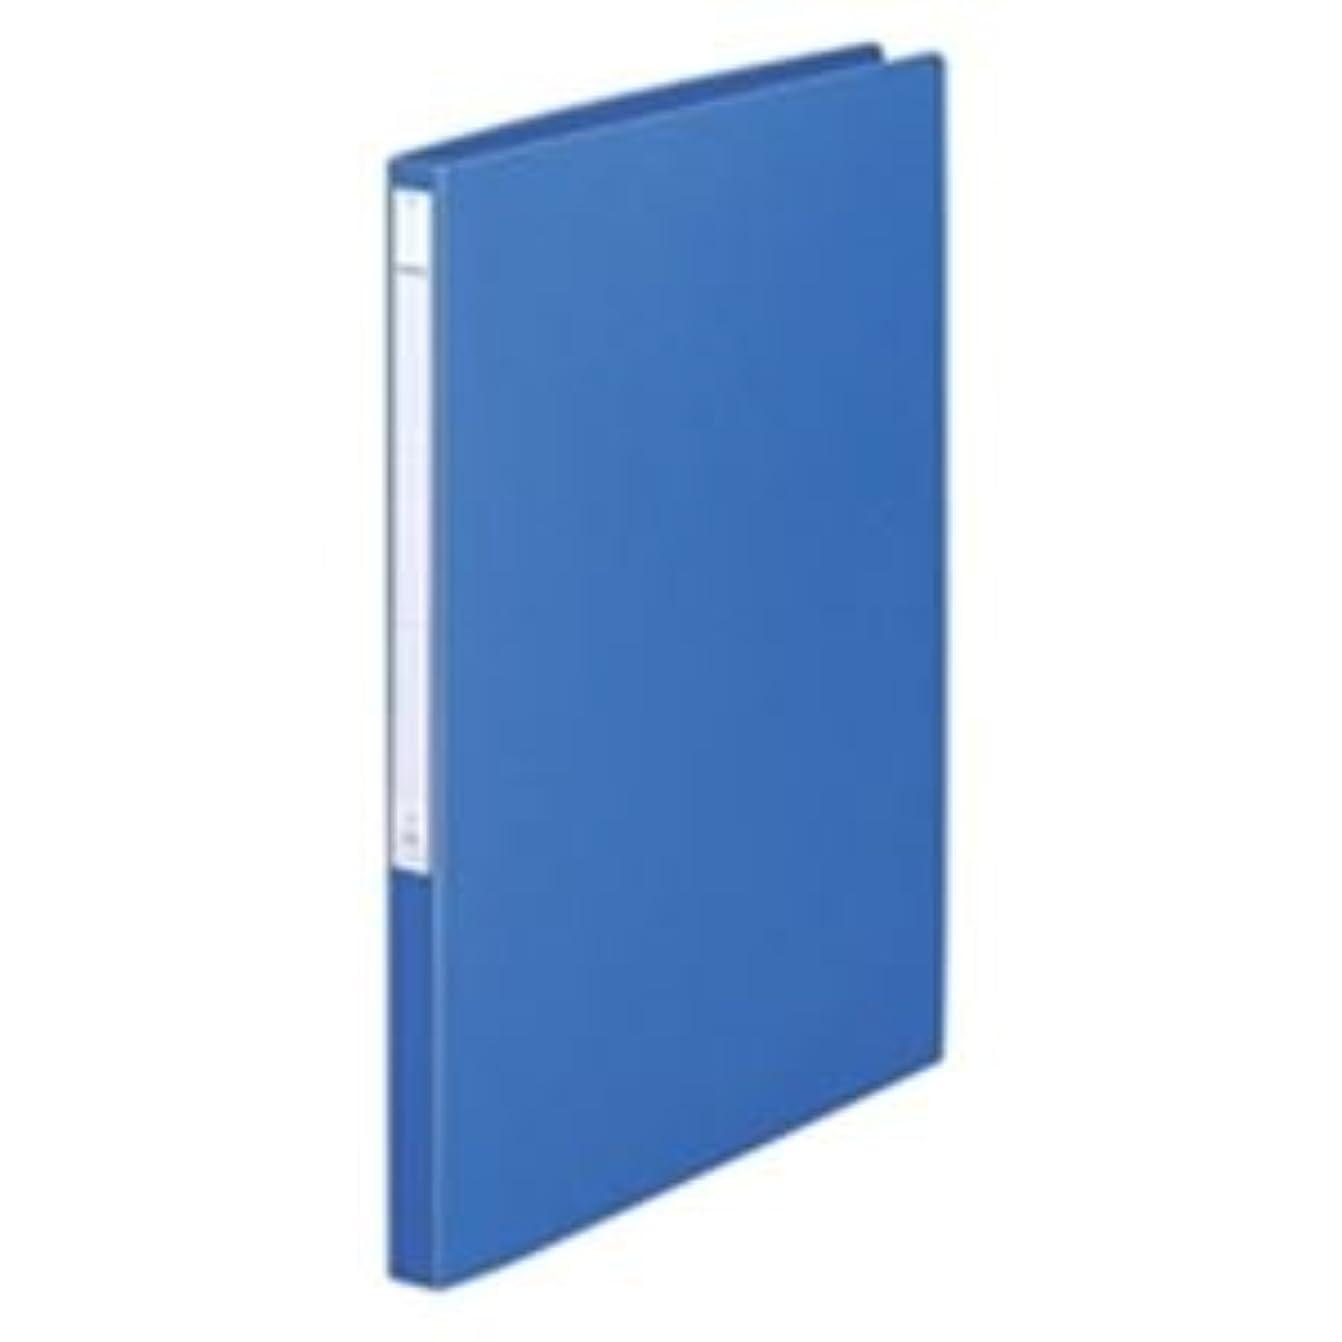 記念碑精査する不健康(業務用5セット) LIHITLAB パンチレスファイル/Z式ファイル 〔A3/タテ型〕 F-369-9 藍